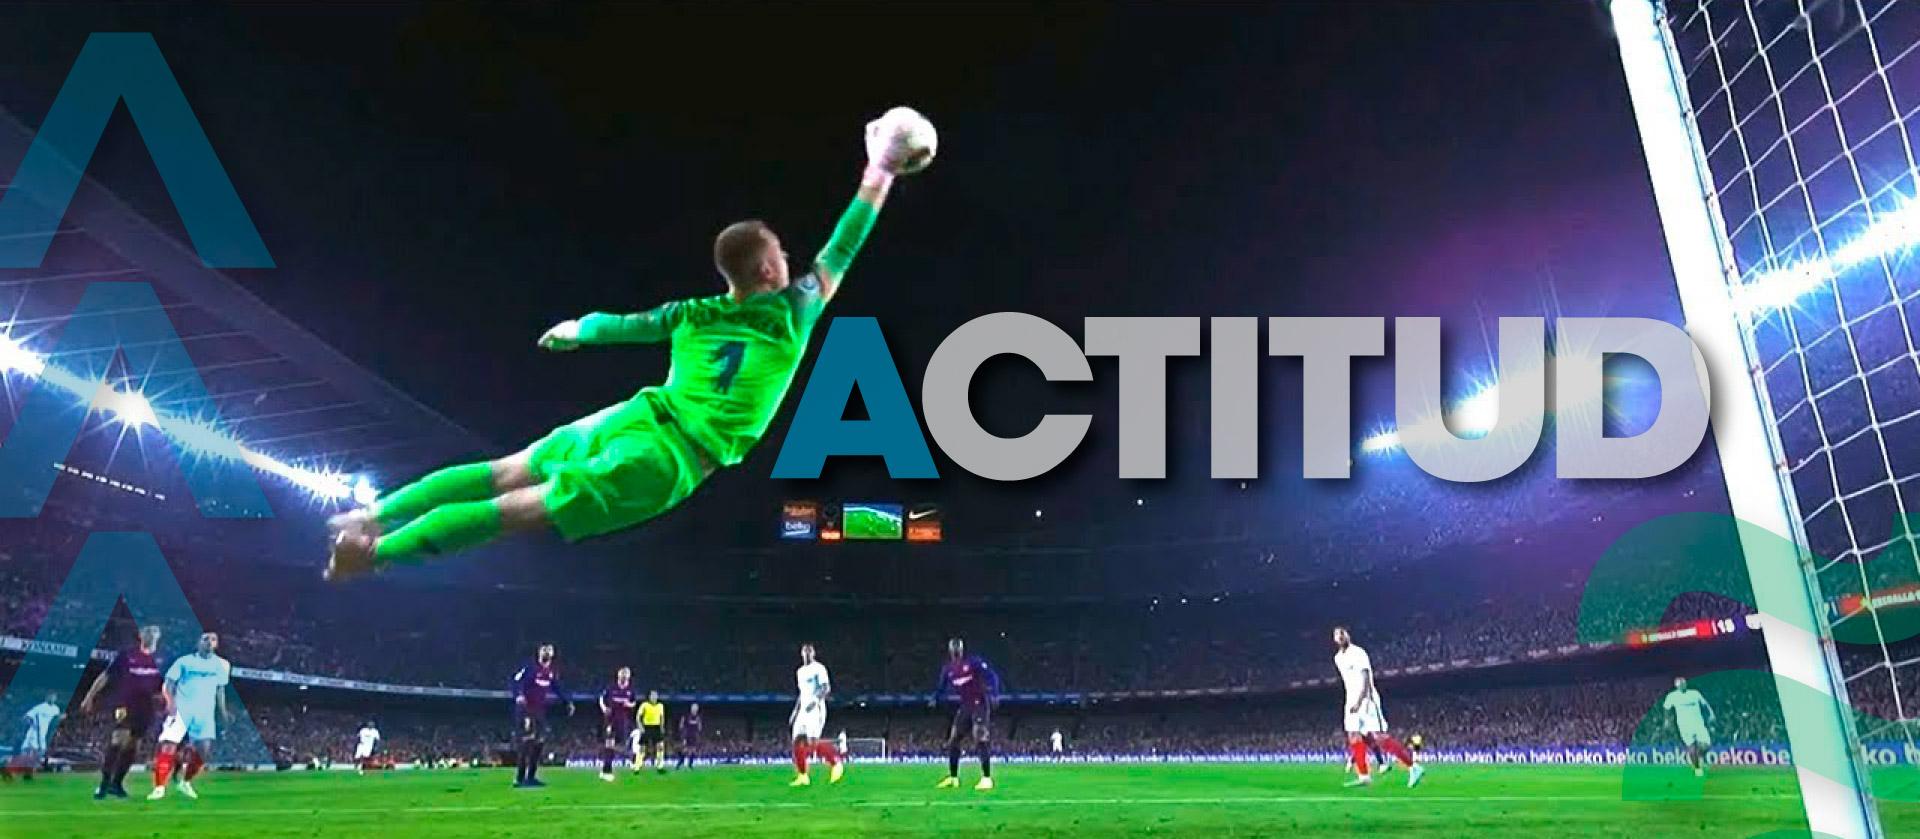 3-Actitud